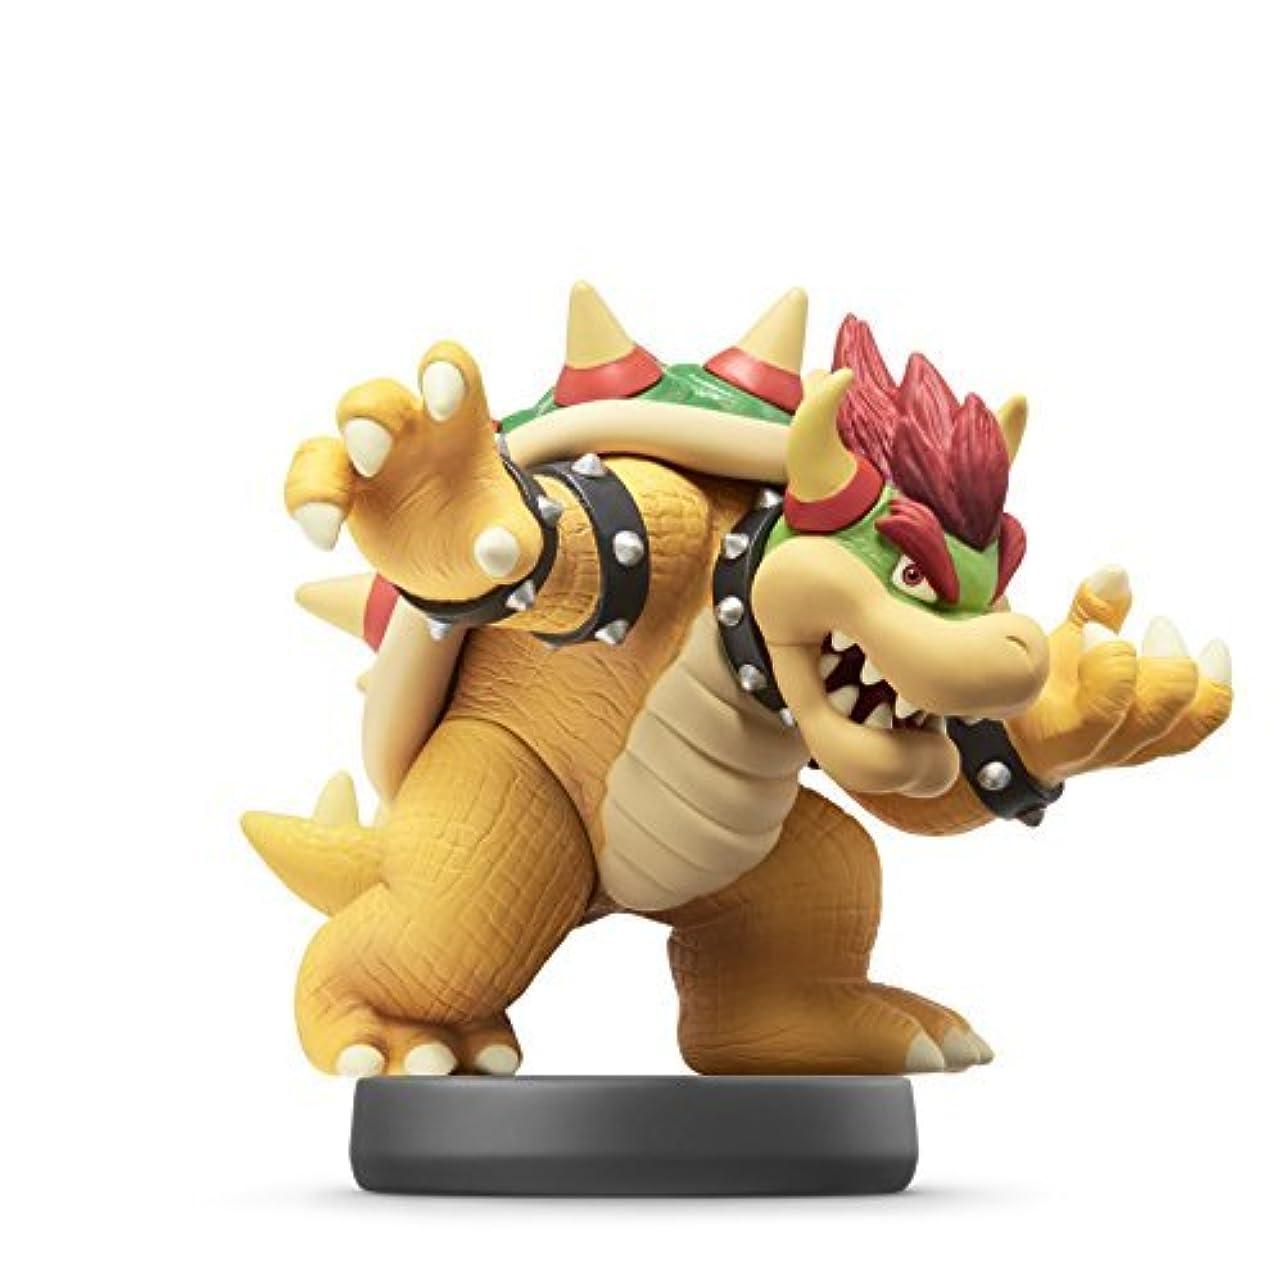 驚かす見える非常にBowser amiibo (Super Smash Bros Series) by Nintendo [並行輸入品]